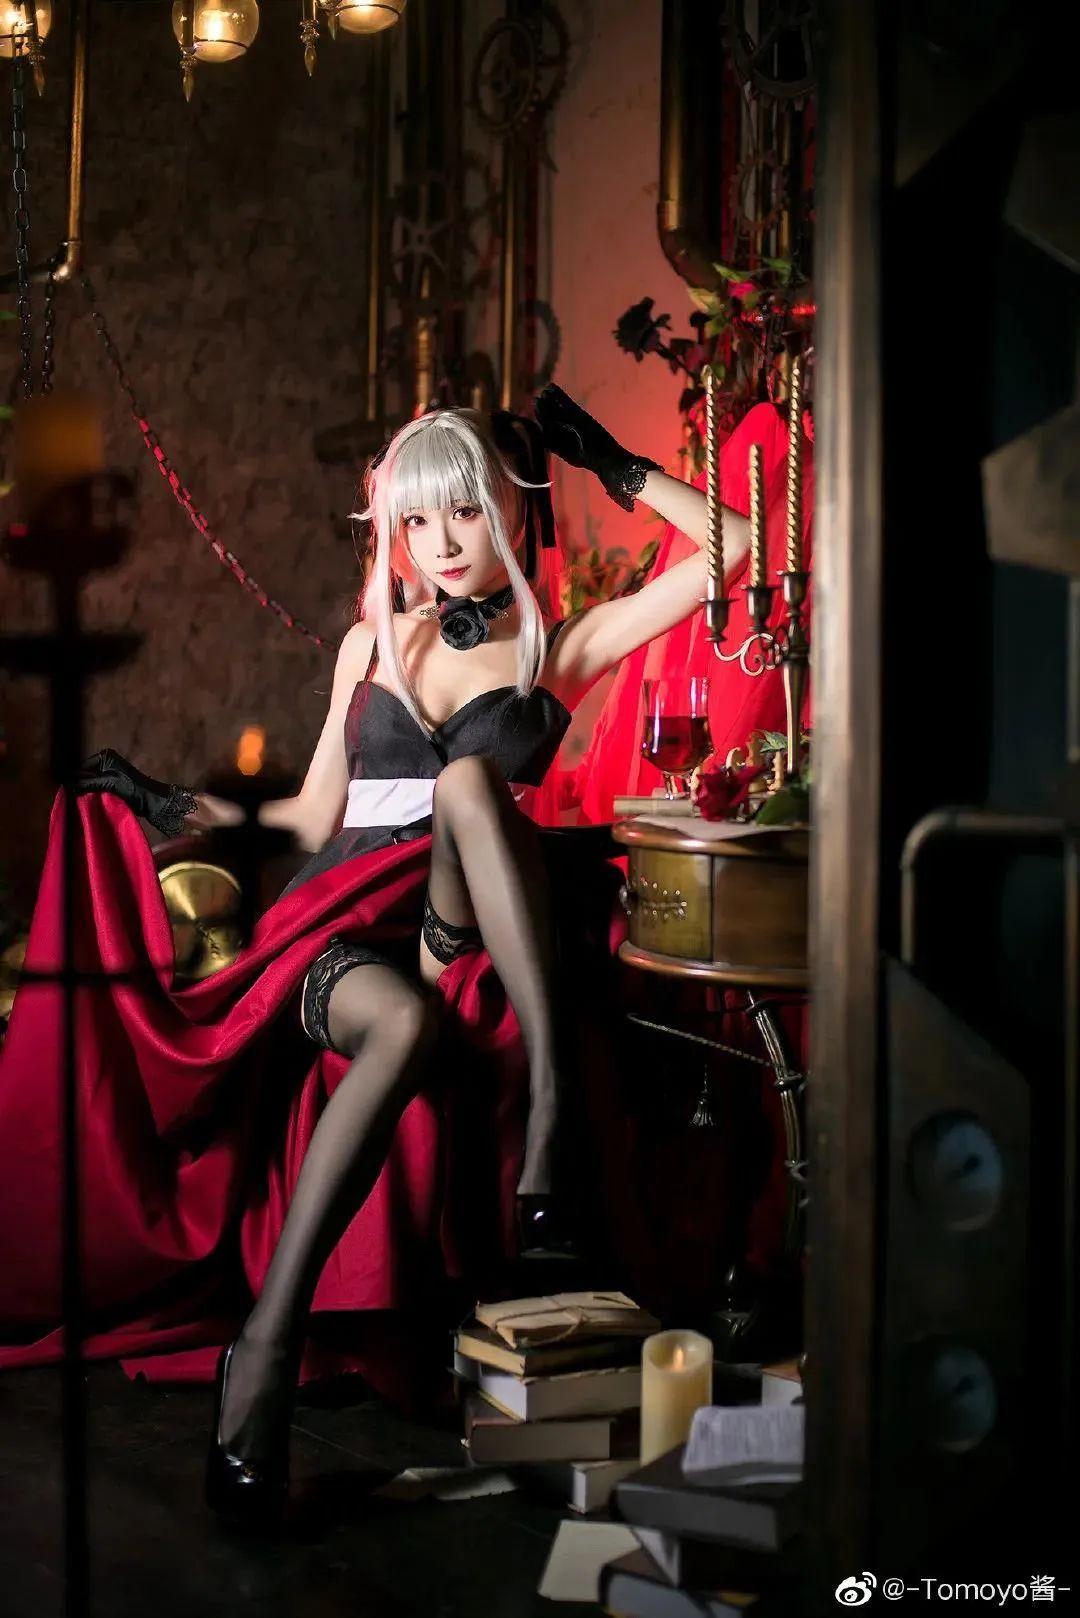 Cosplay – 《美少女万华镜》雾枝,黑丝袜长腿太适合舔了_图片 No.3